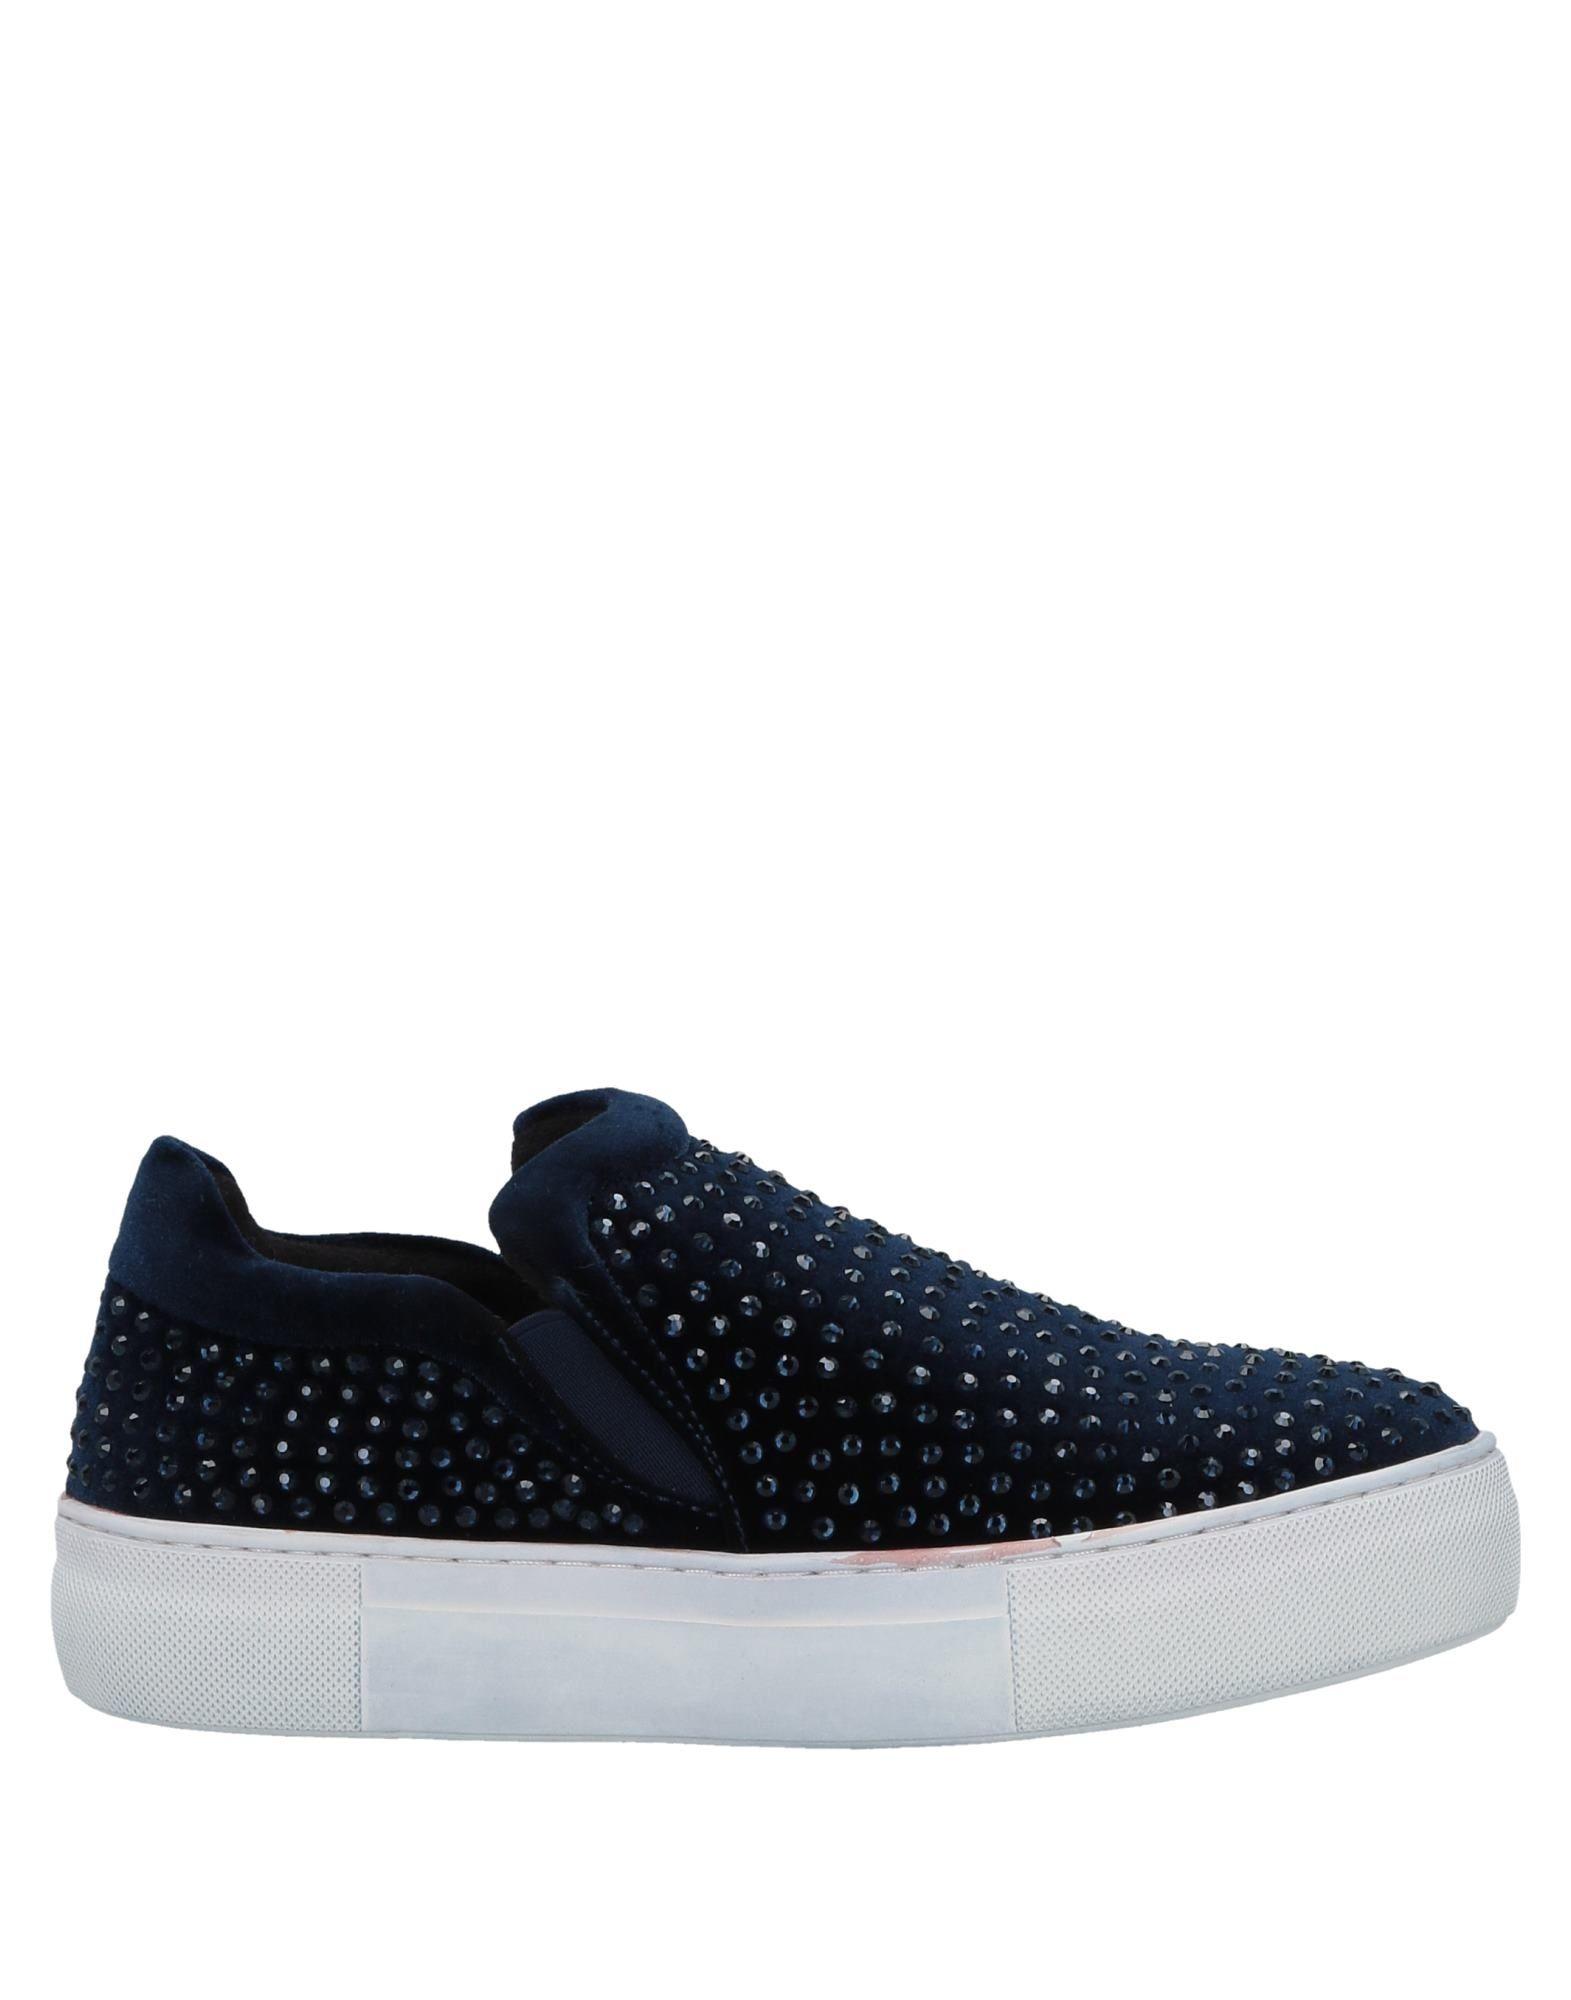 Scarpe economiche e resistenti Sneakers Onako' Donna - 11526222KA